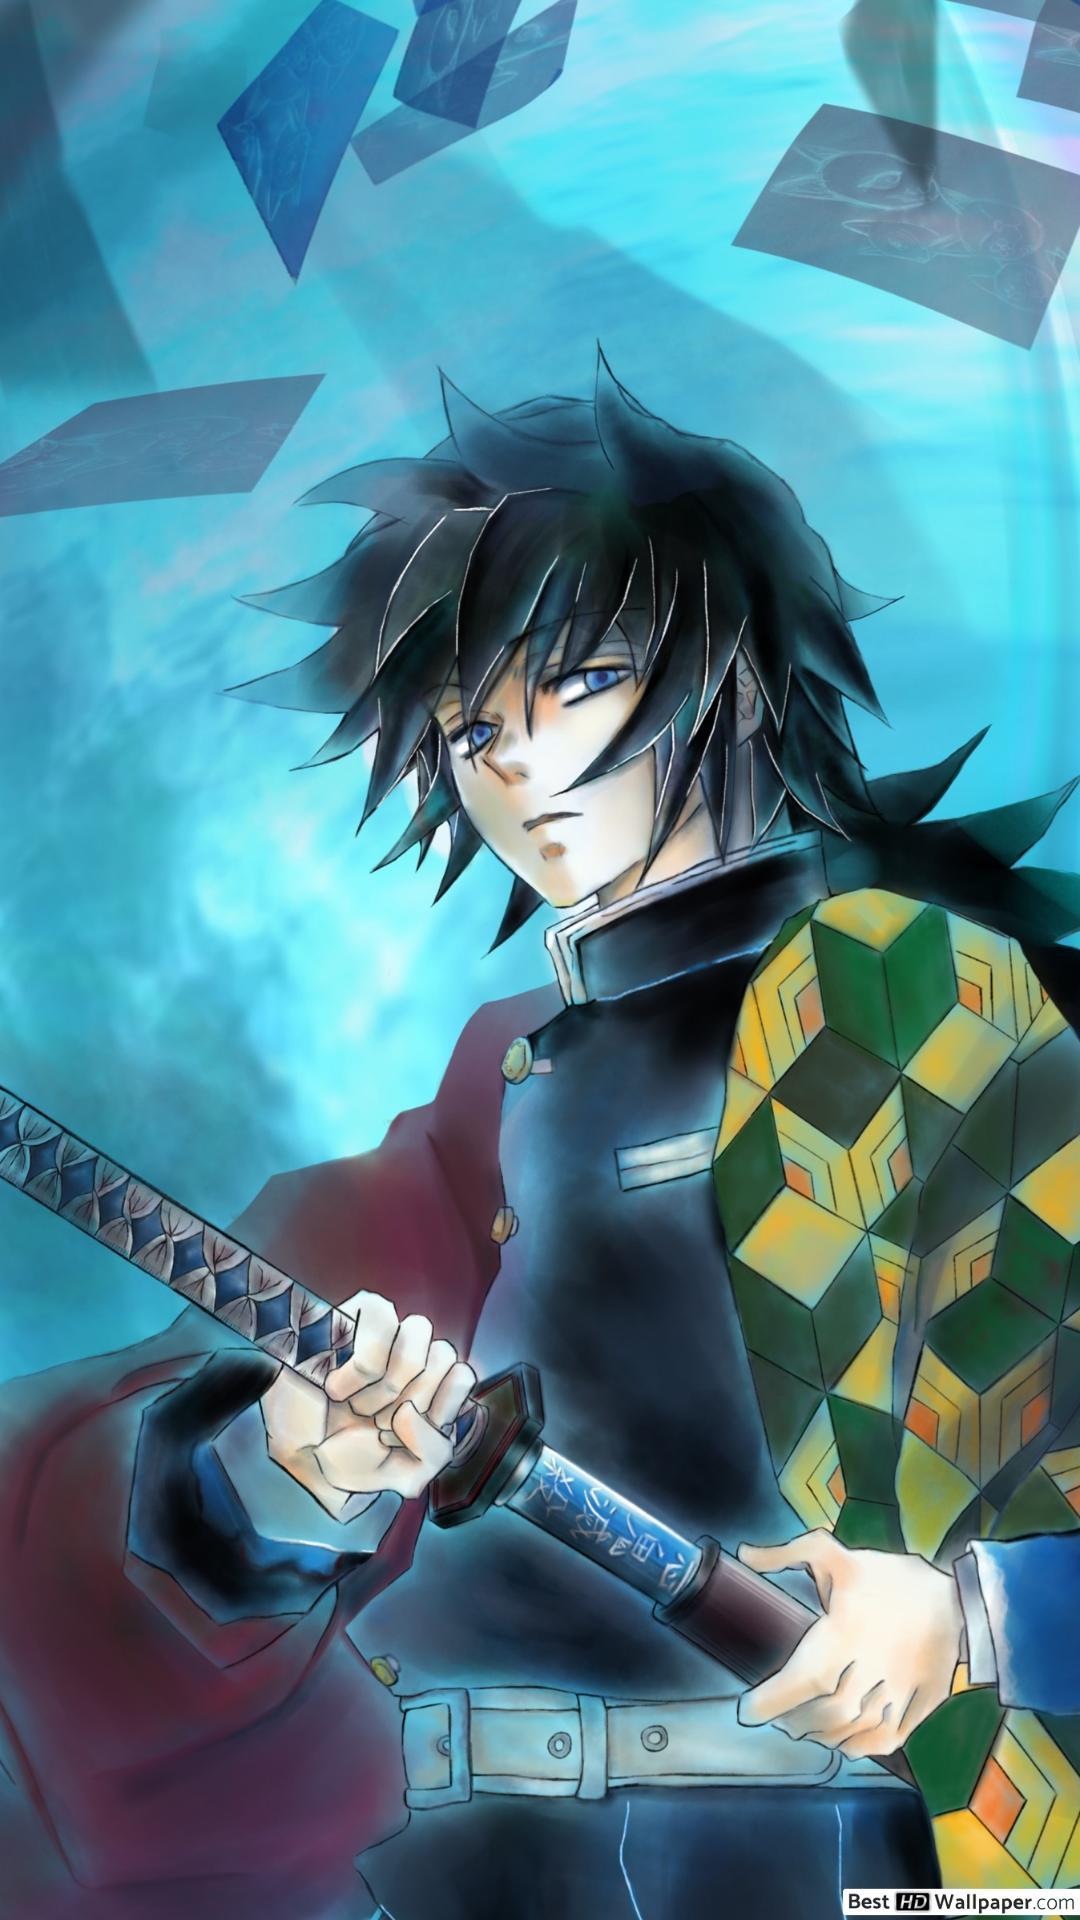 646 demon slayer kimetsu no yaiba hd wallpapers background. Demon Slayer Giyu Wallpapers - Wallpaper Cave